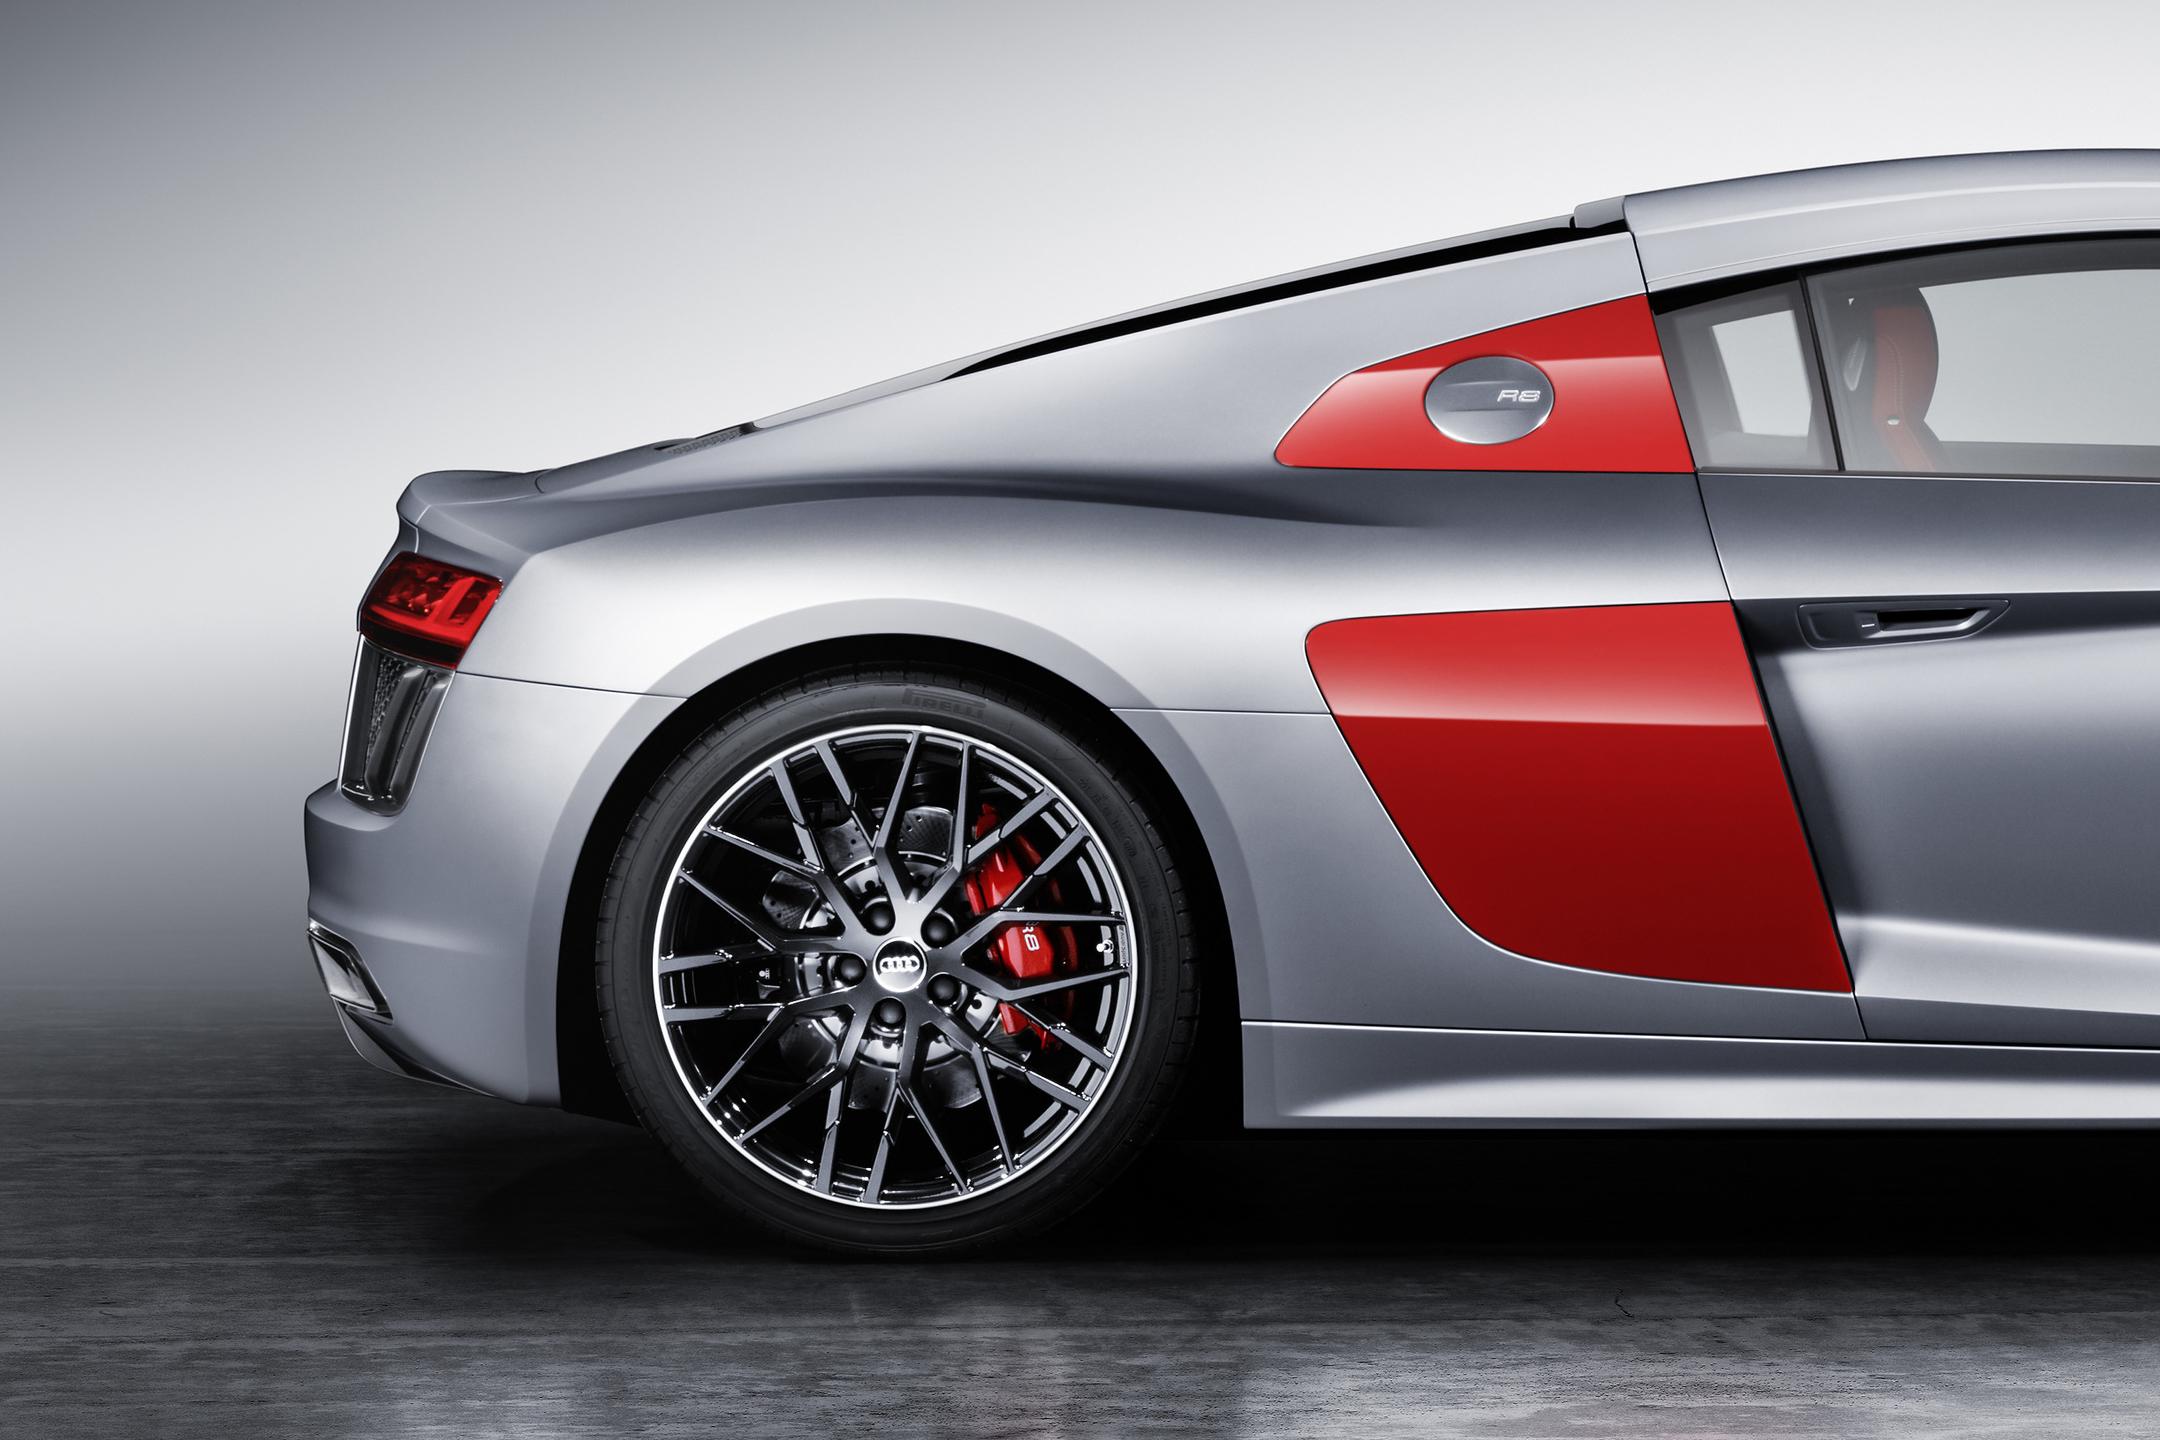 Audi R8 Coupe Audi Sport Edition Livree De Rouge D Argent